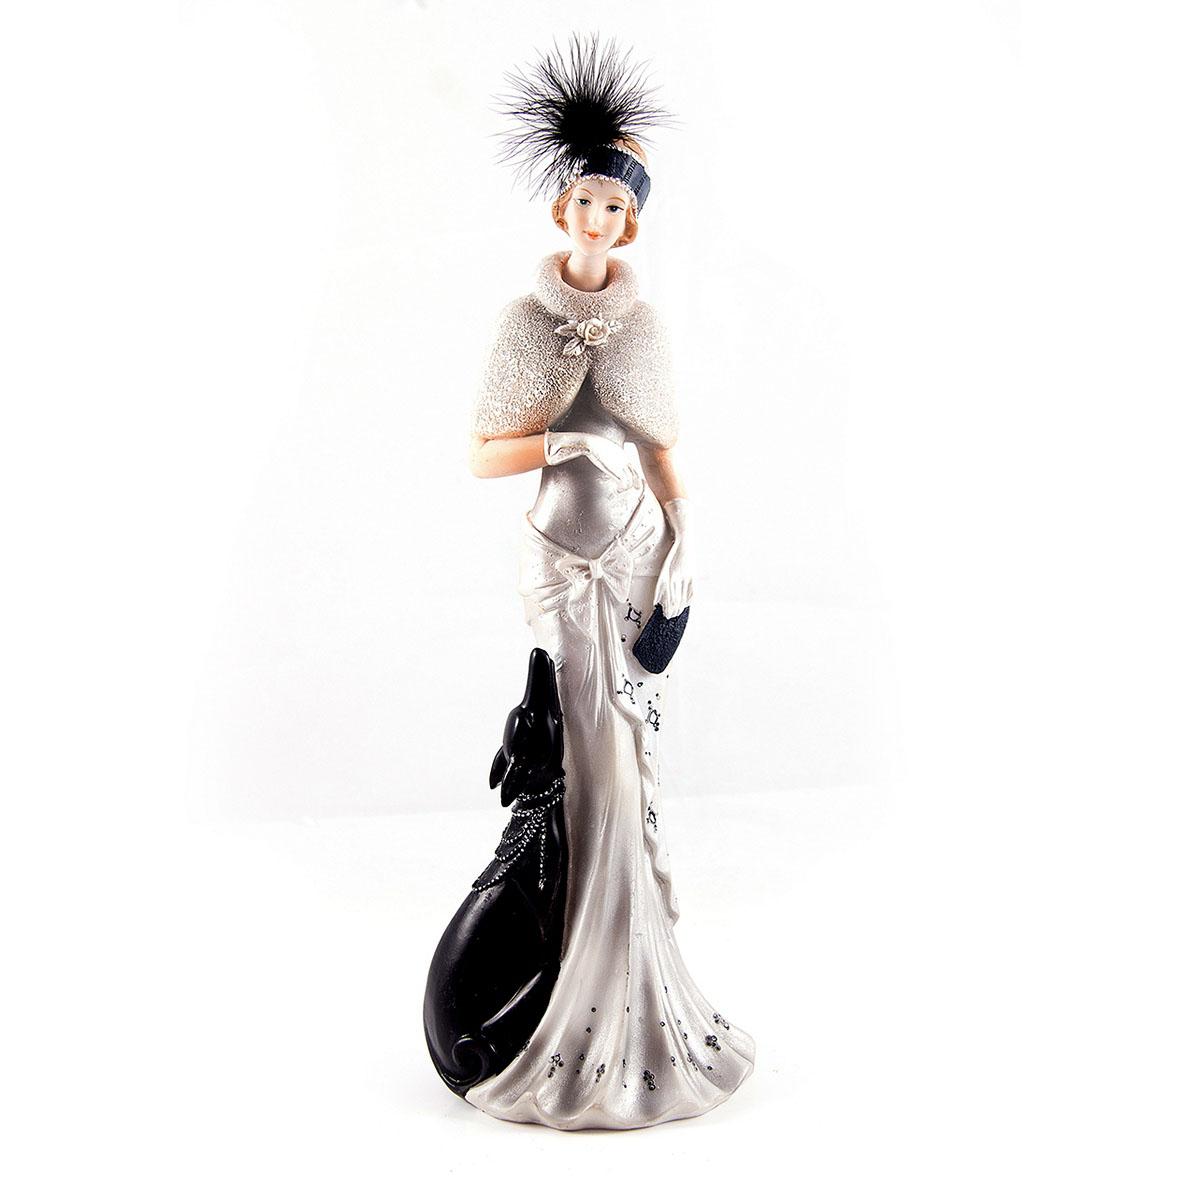 Статуэтка Русские Подарки Мисс Рандеву, 11 х 10 х 31 см27651Статуэтка Русские Подарки Мисс Рандеву, изготовленная из полистоуна, имеет изысканный внешний вид. Изделие станет прекрасным украшением интерьера гостиной, офиса или дома. Вы можете поставить статуэтку в любое место, где она будет удачно смотреться и радовать глаз. Правила ухода: регулярно вытирать пыль сухой, мягкой тканью.